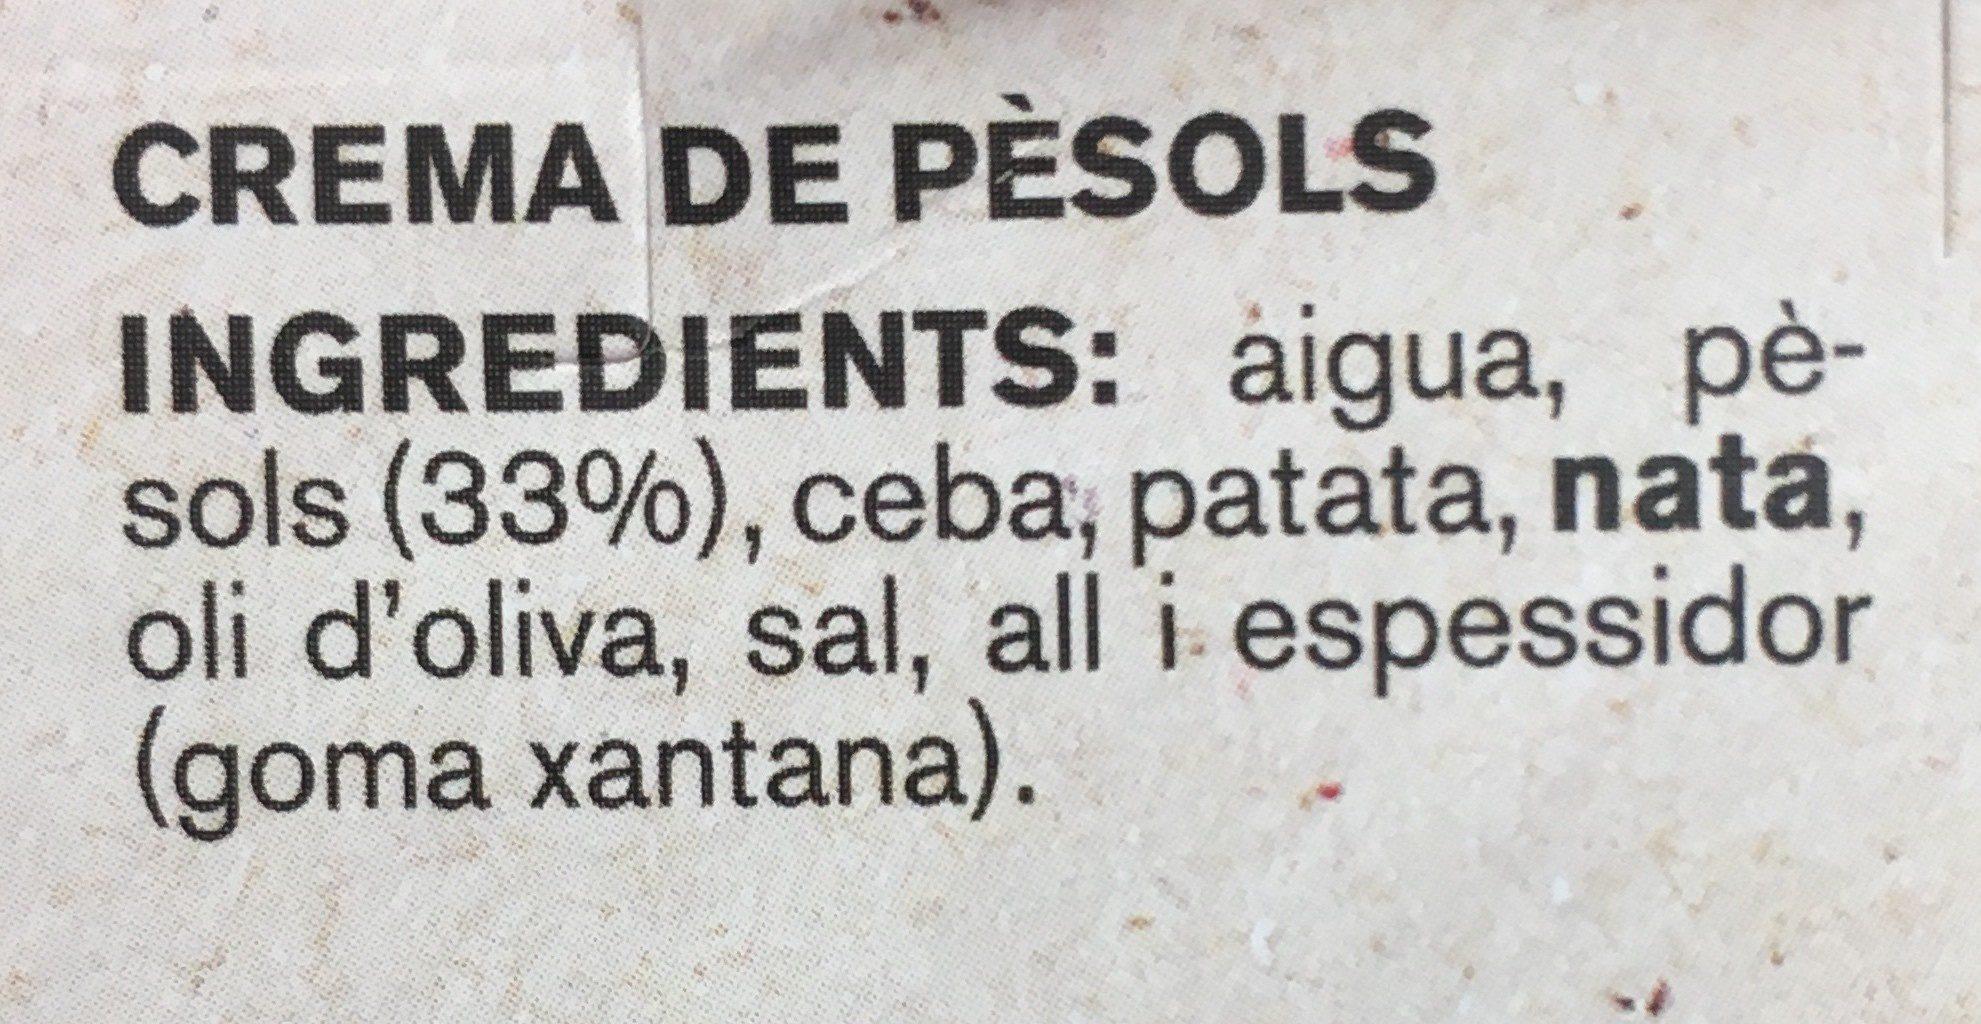 Cremes de Temporada - Pèsols - Ingrediënten